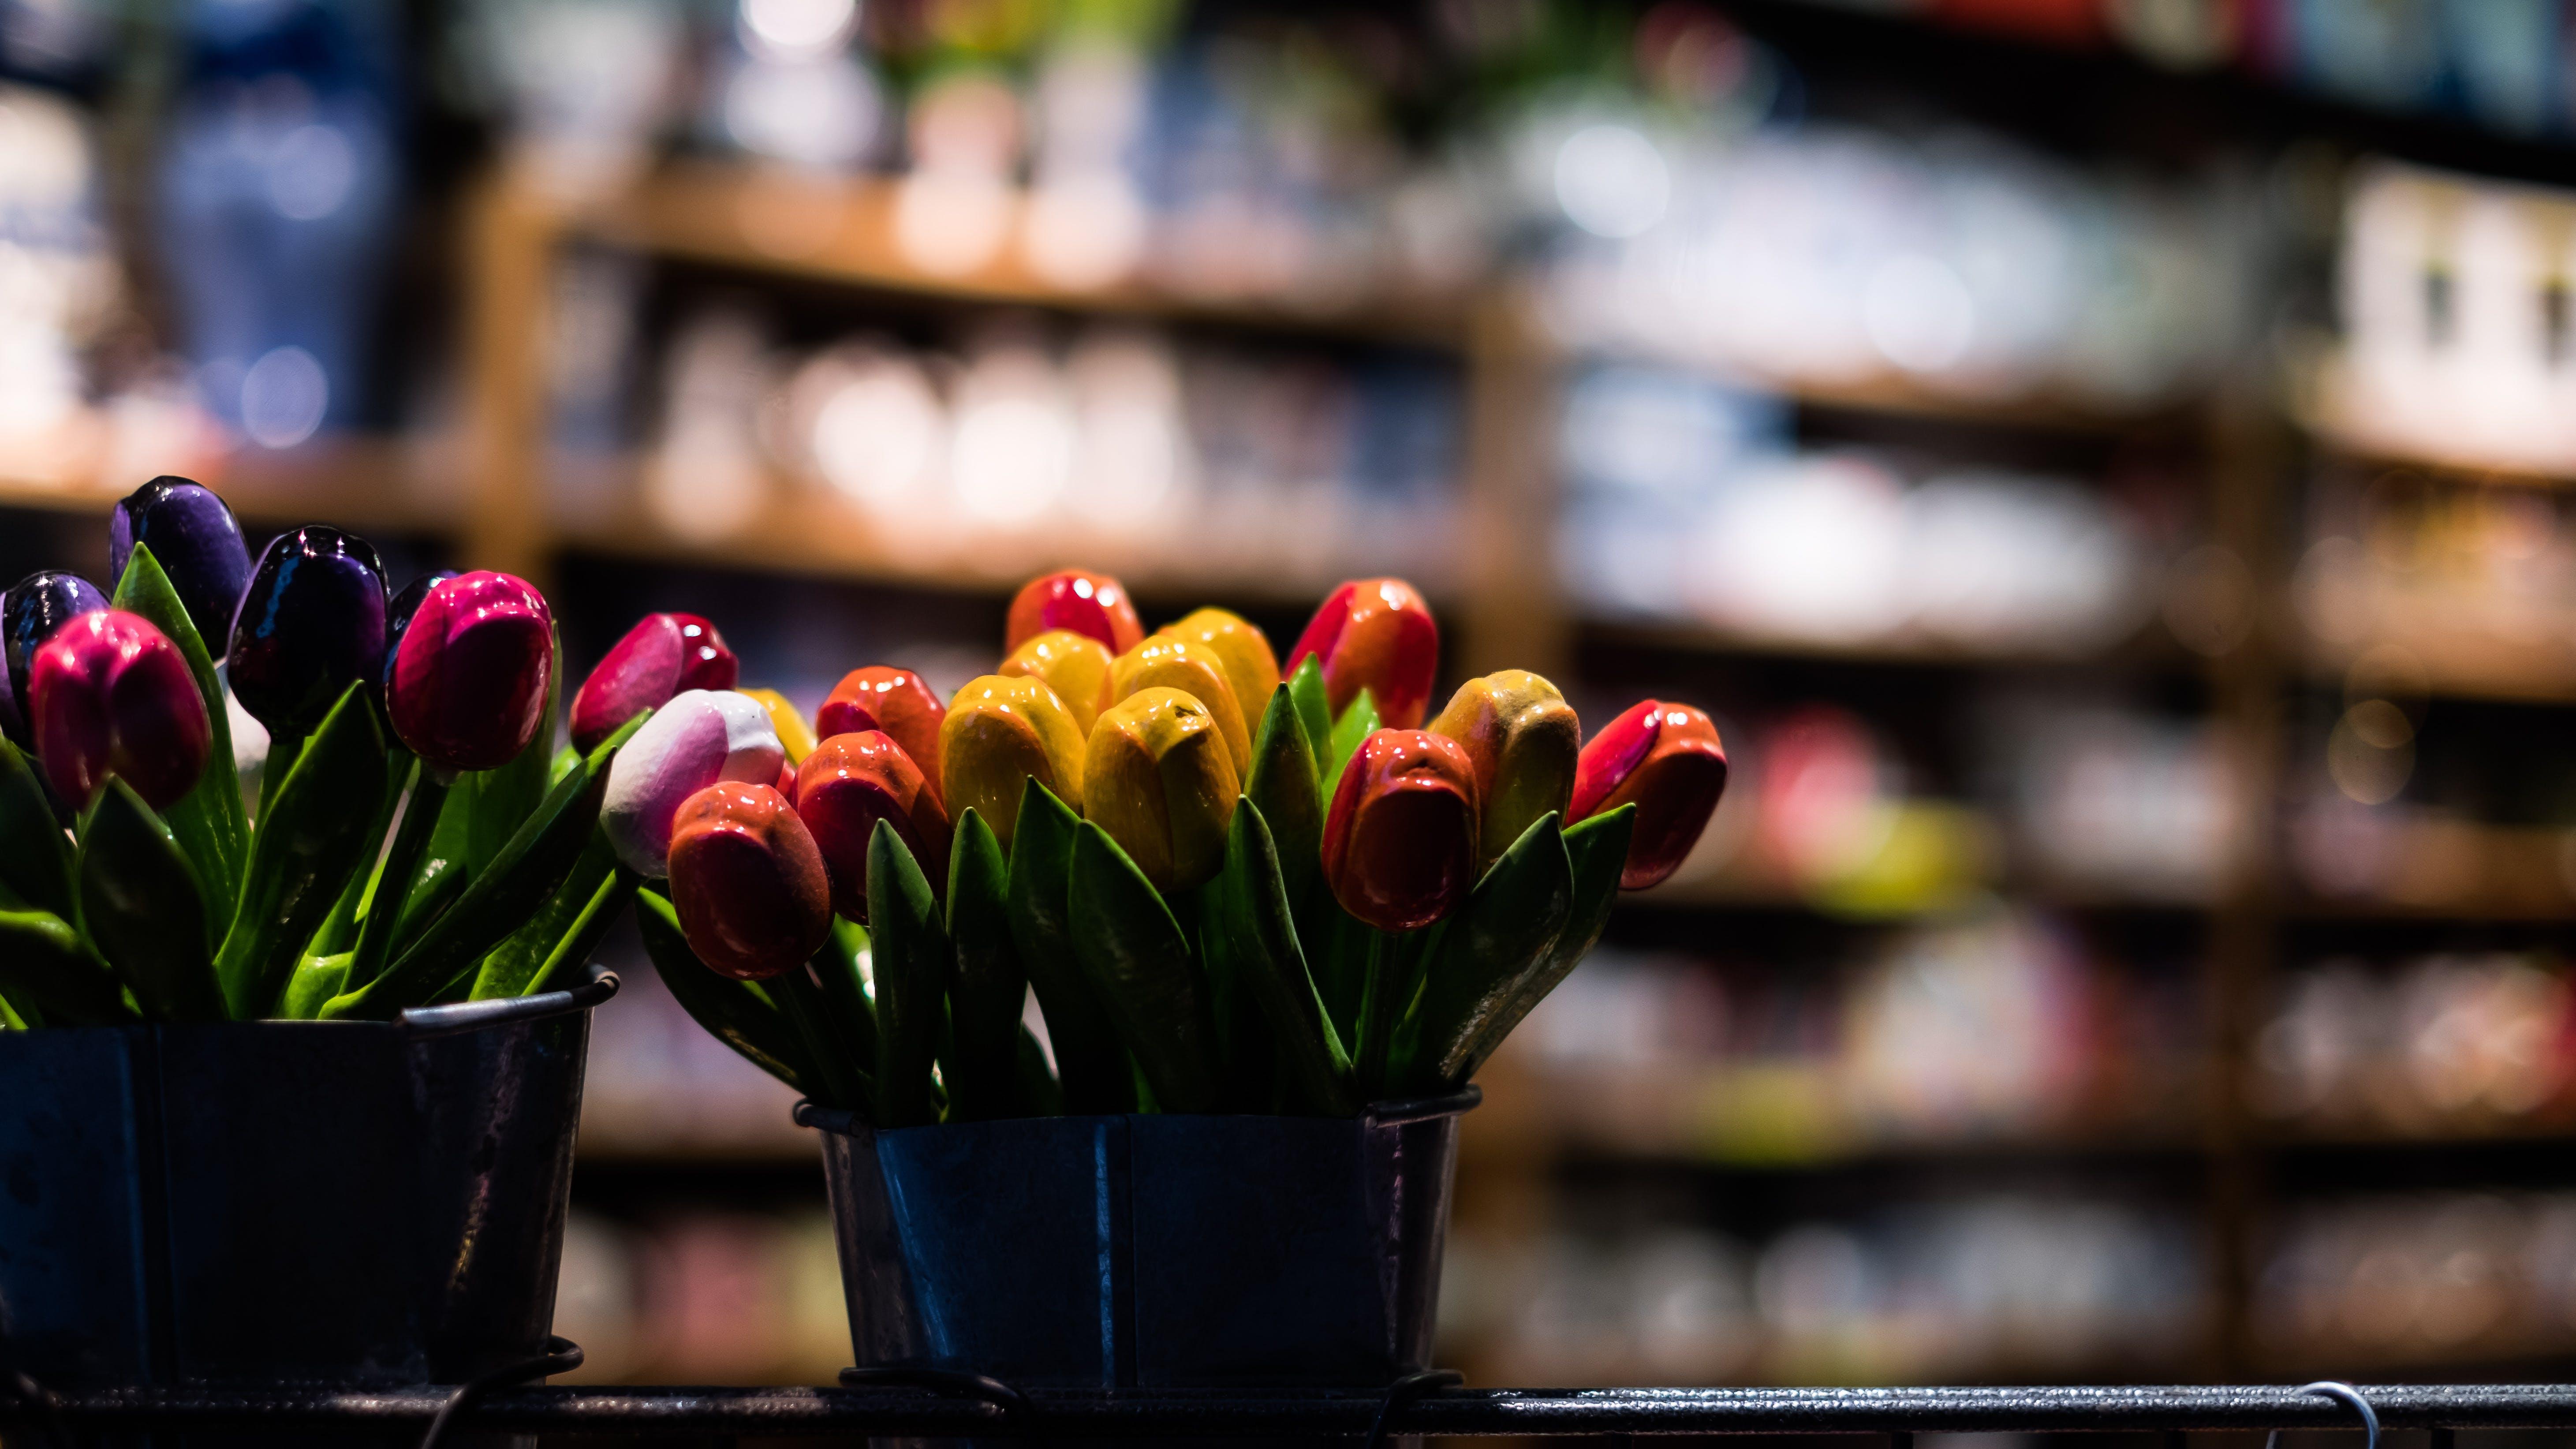 Fotos de stock gratuitas de 35 mm, amsterdam, calle, flores